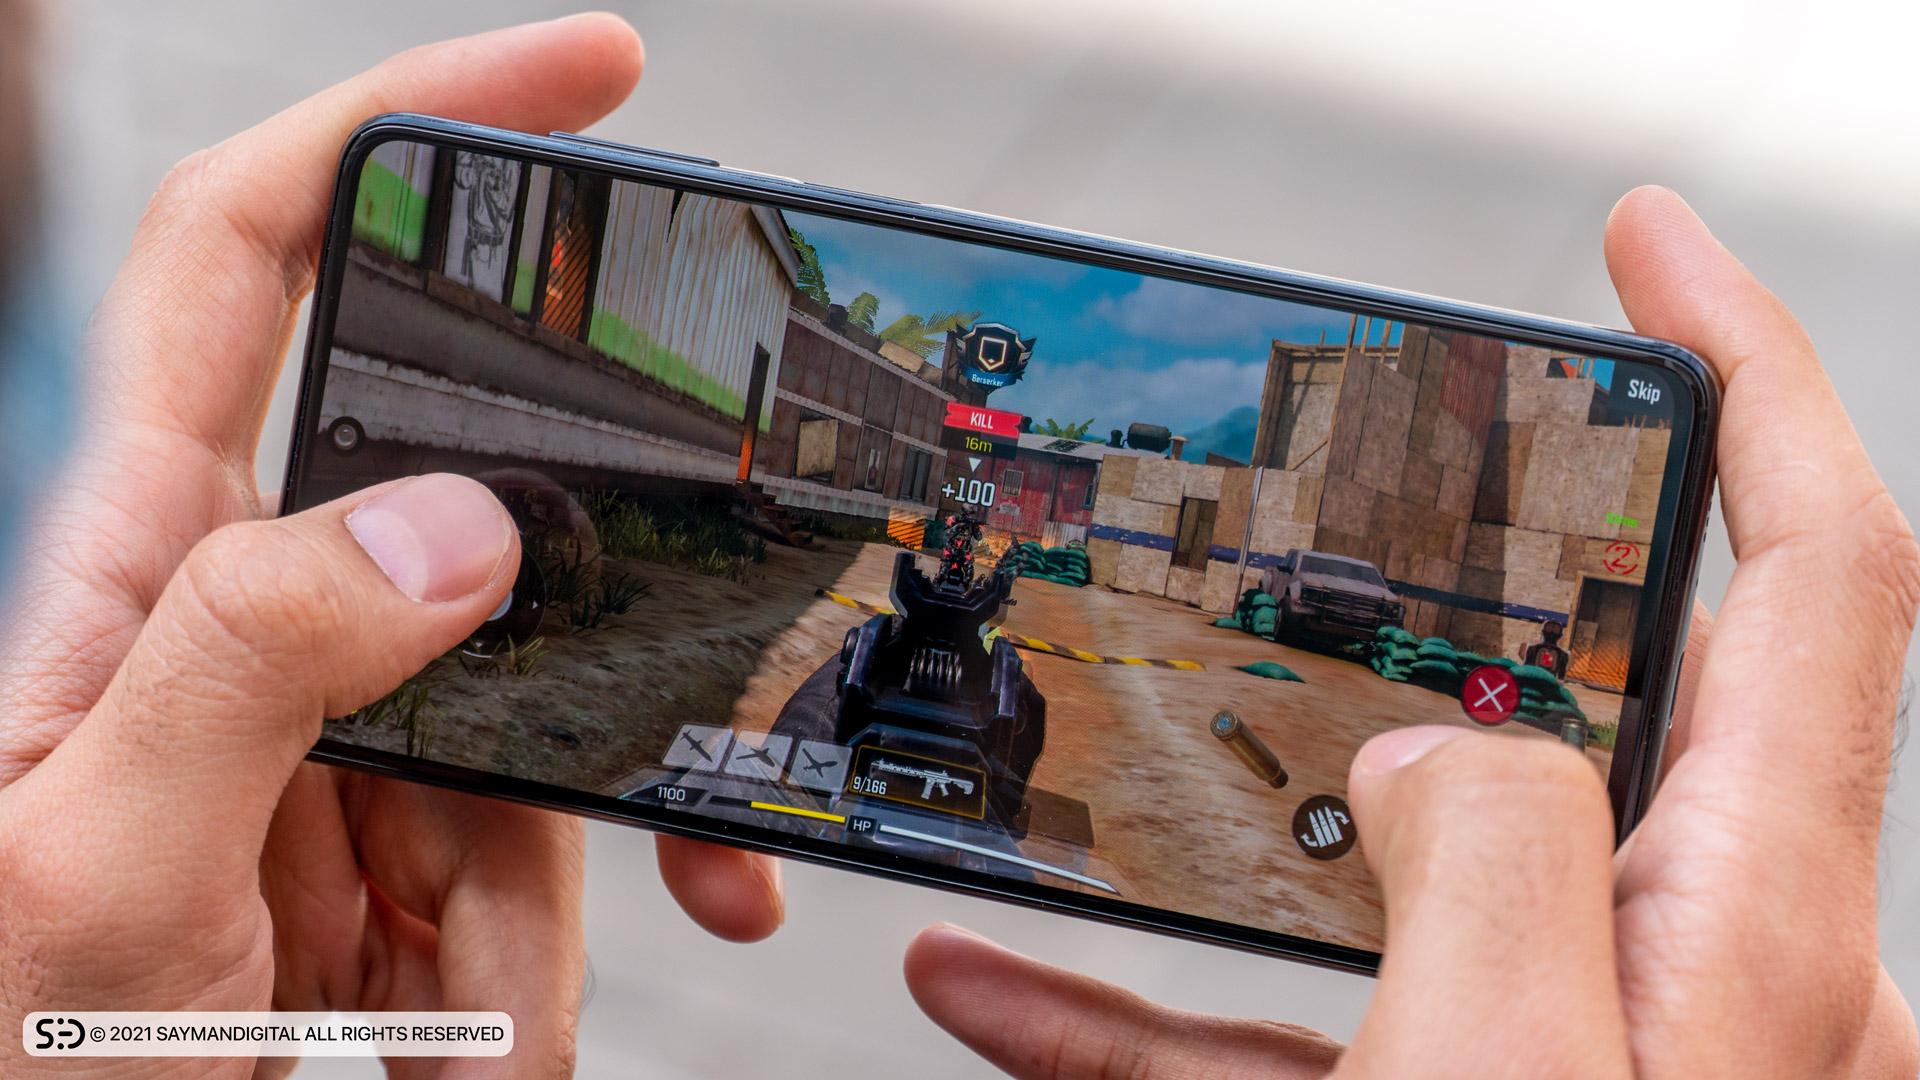 اجرای خوب و روان بازیها در مطلب بررسی Galaxy M62